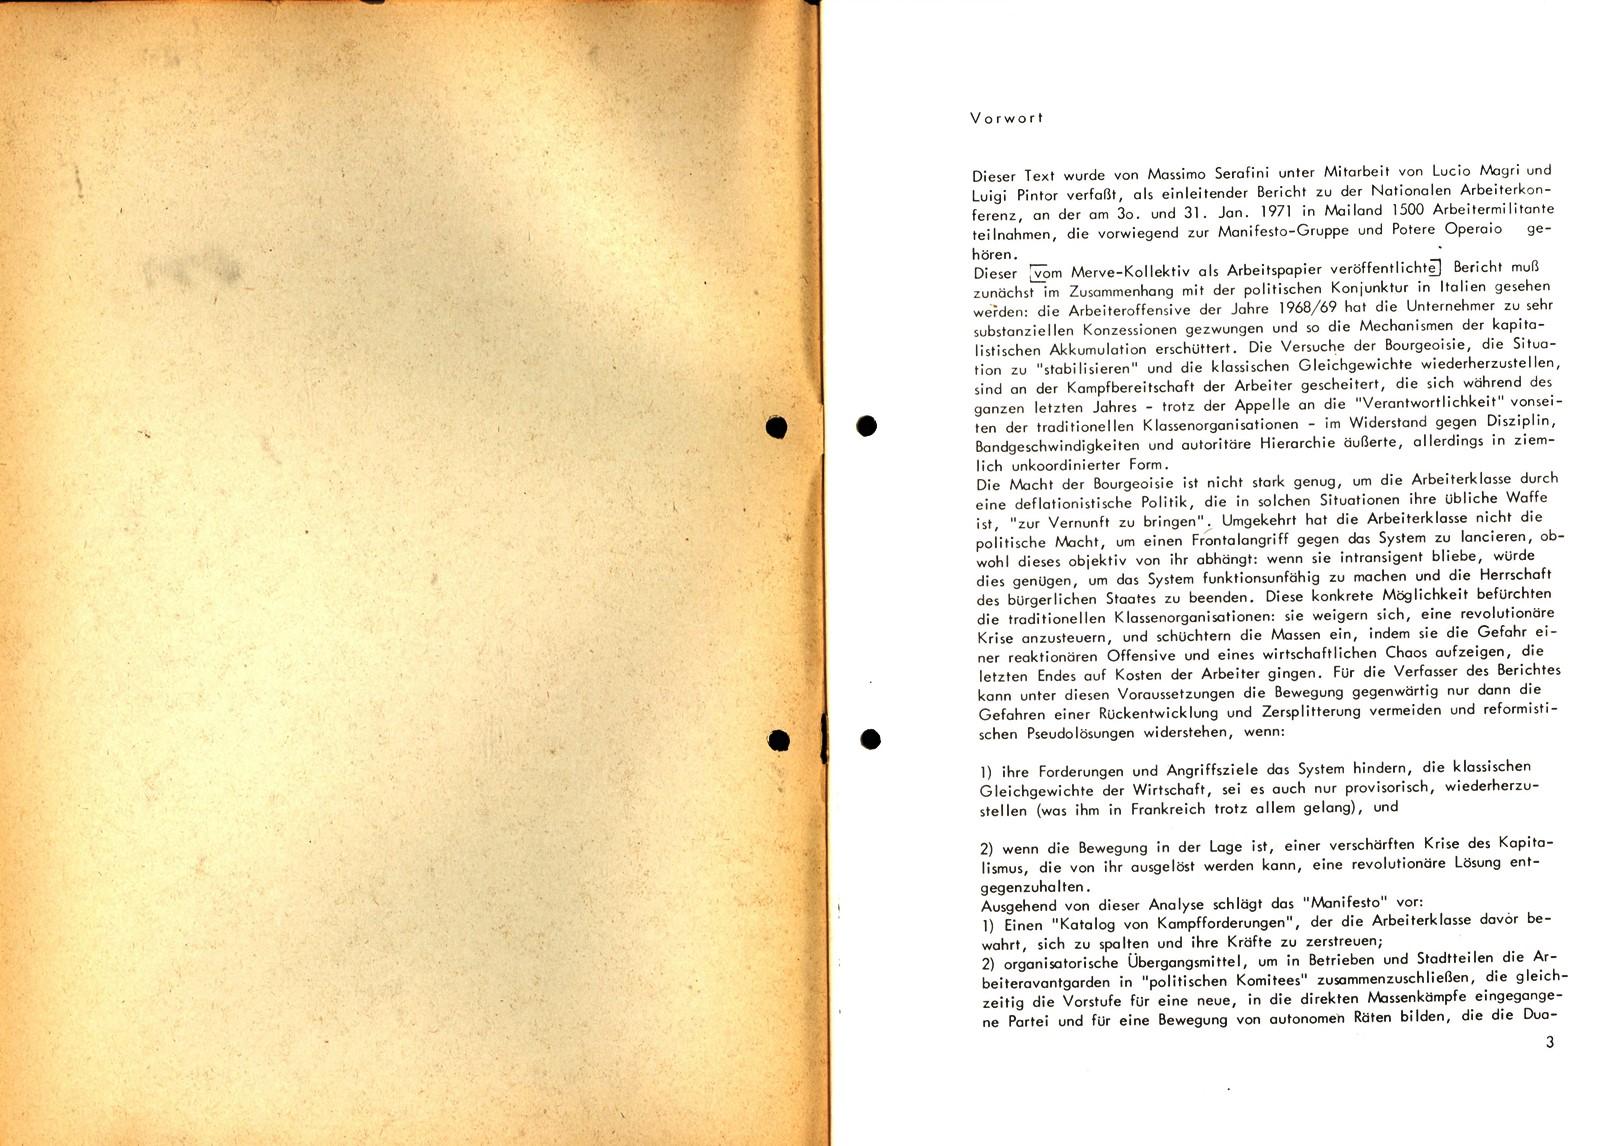 Manifesto_1971_Einheit_der_Klassenlinken_02